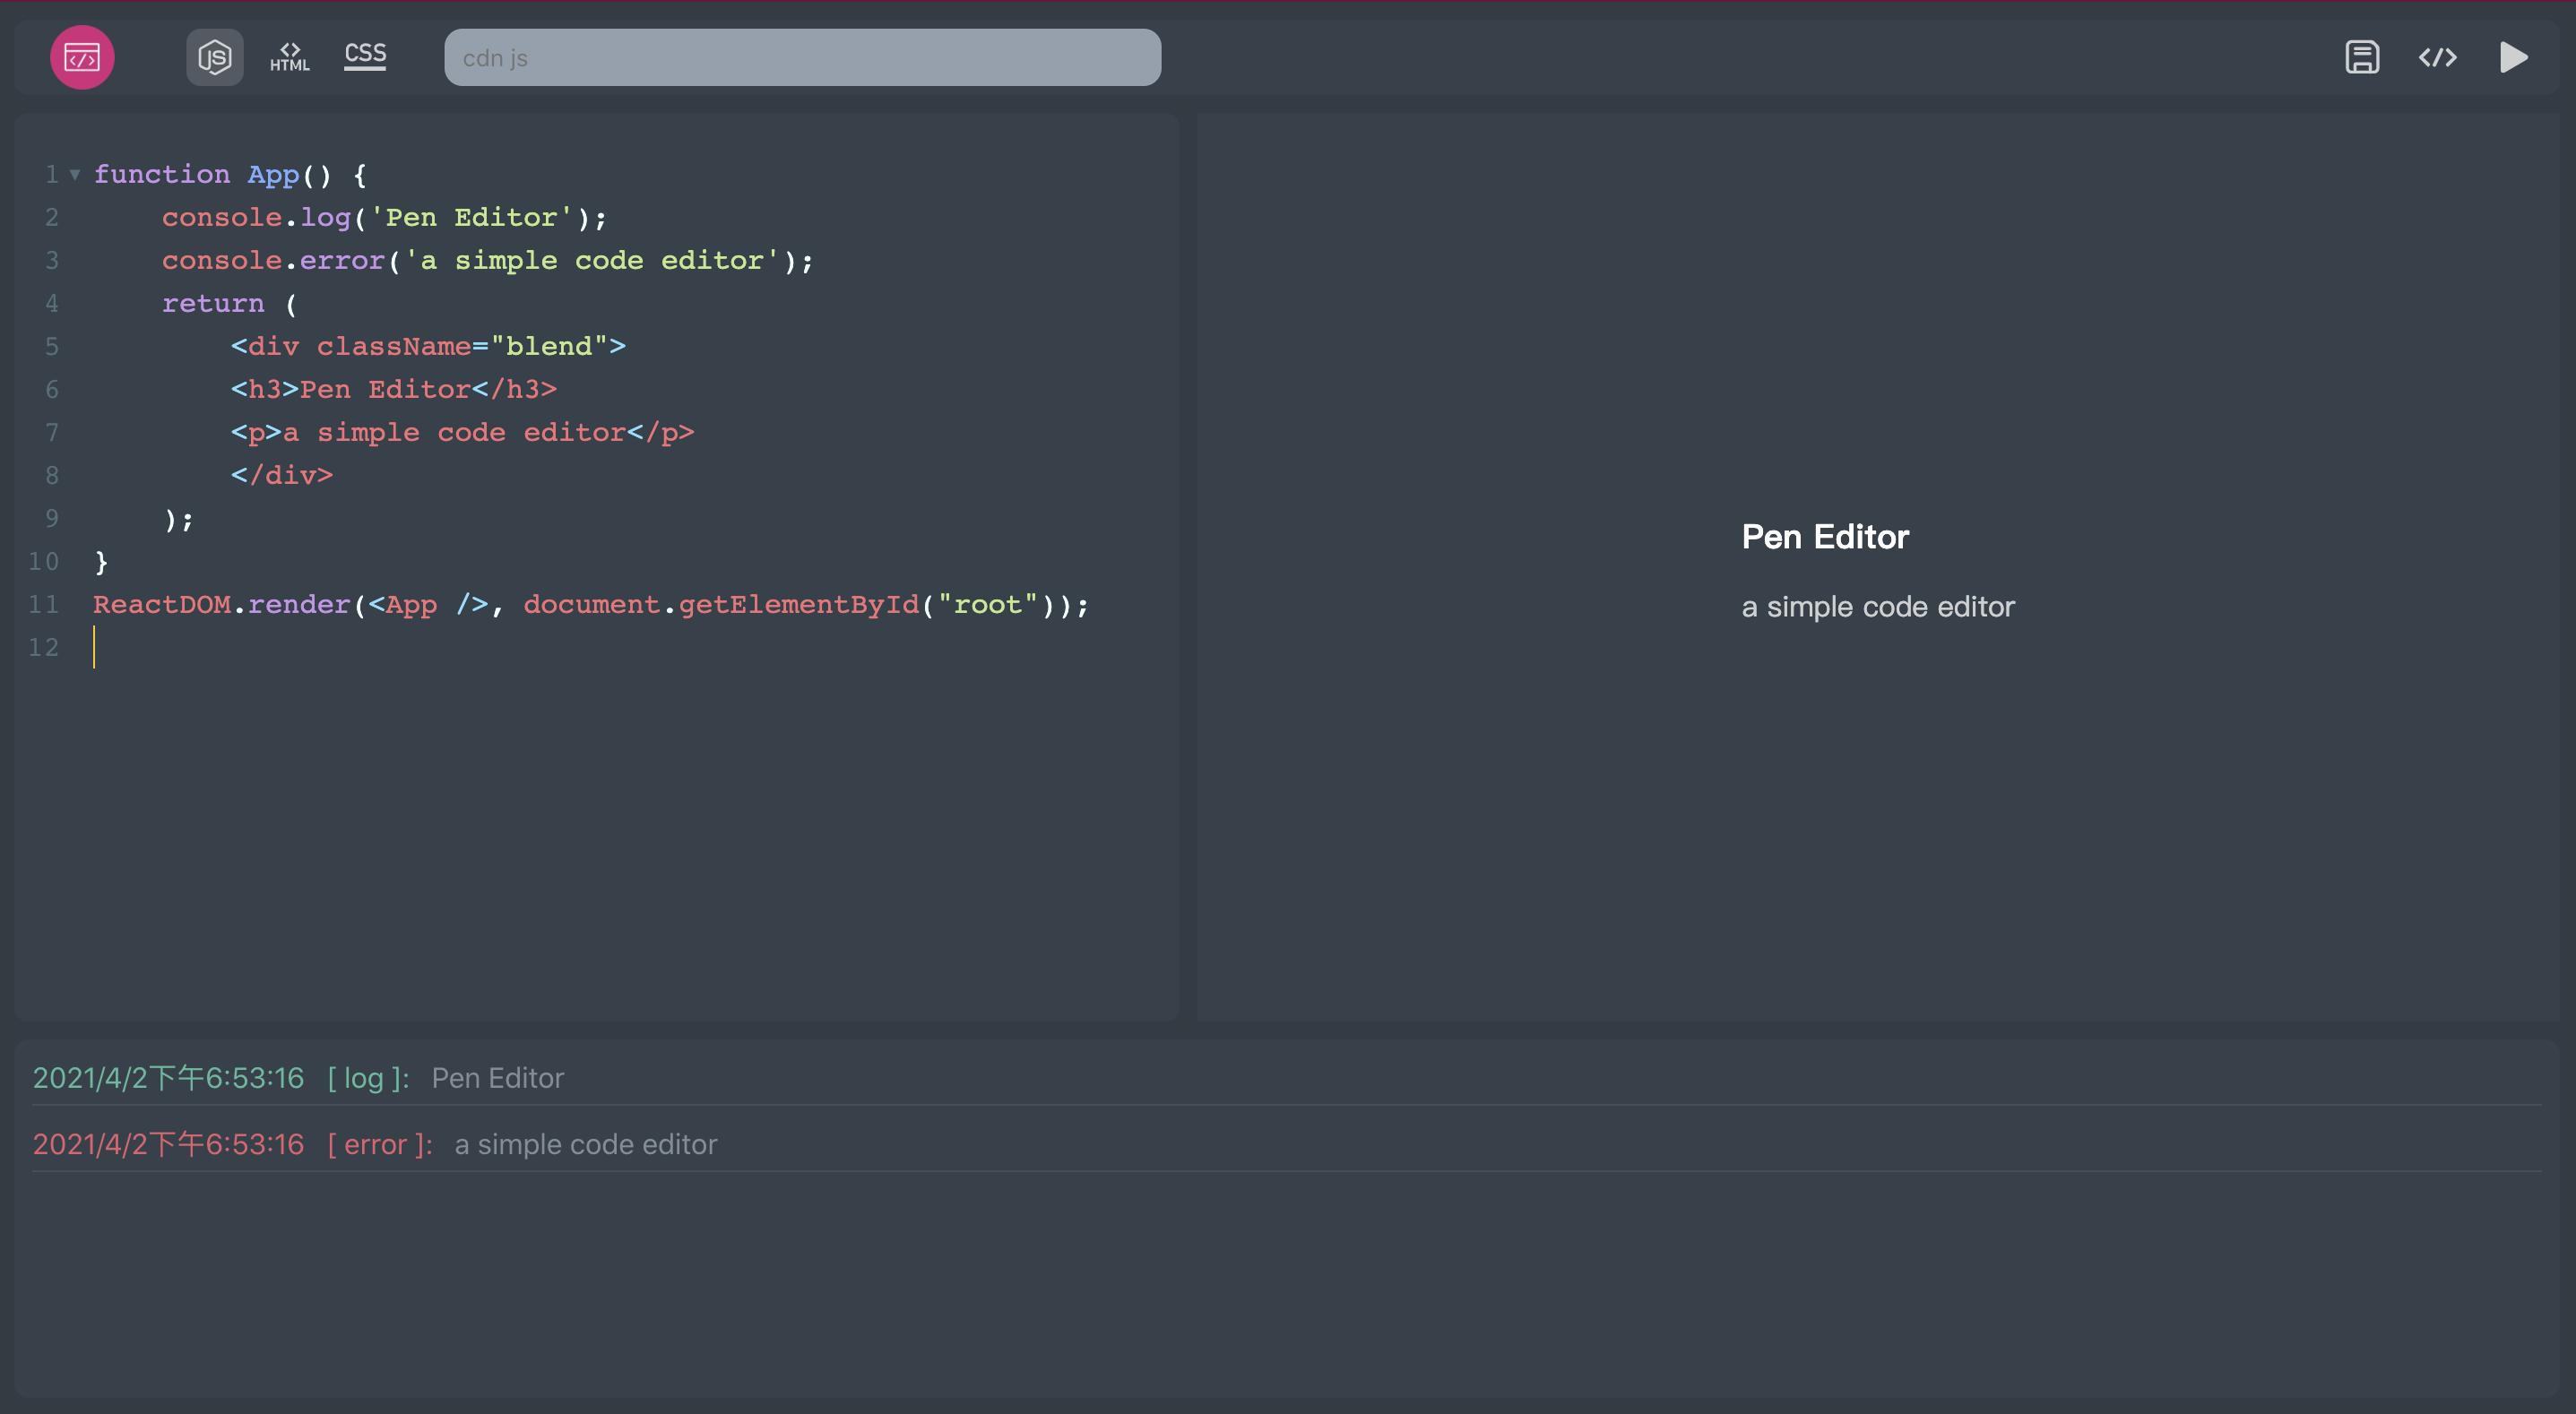 极简风格的在线代码编辑器 PenEditor